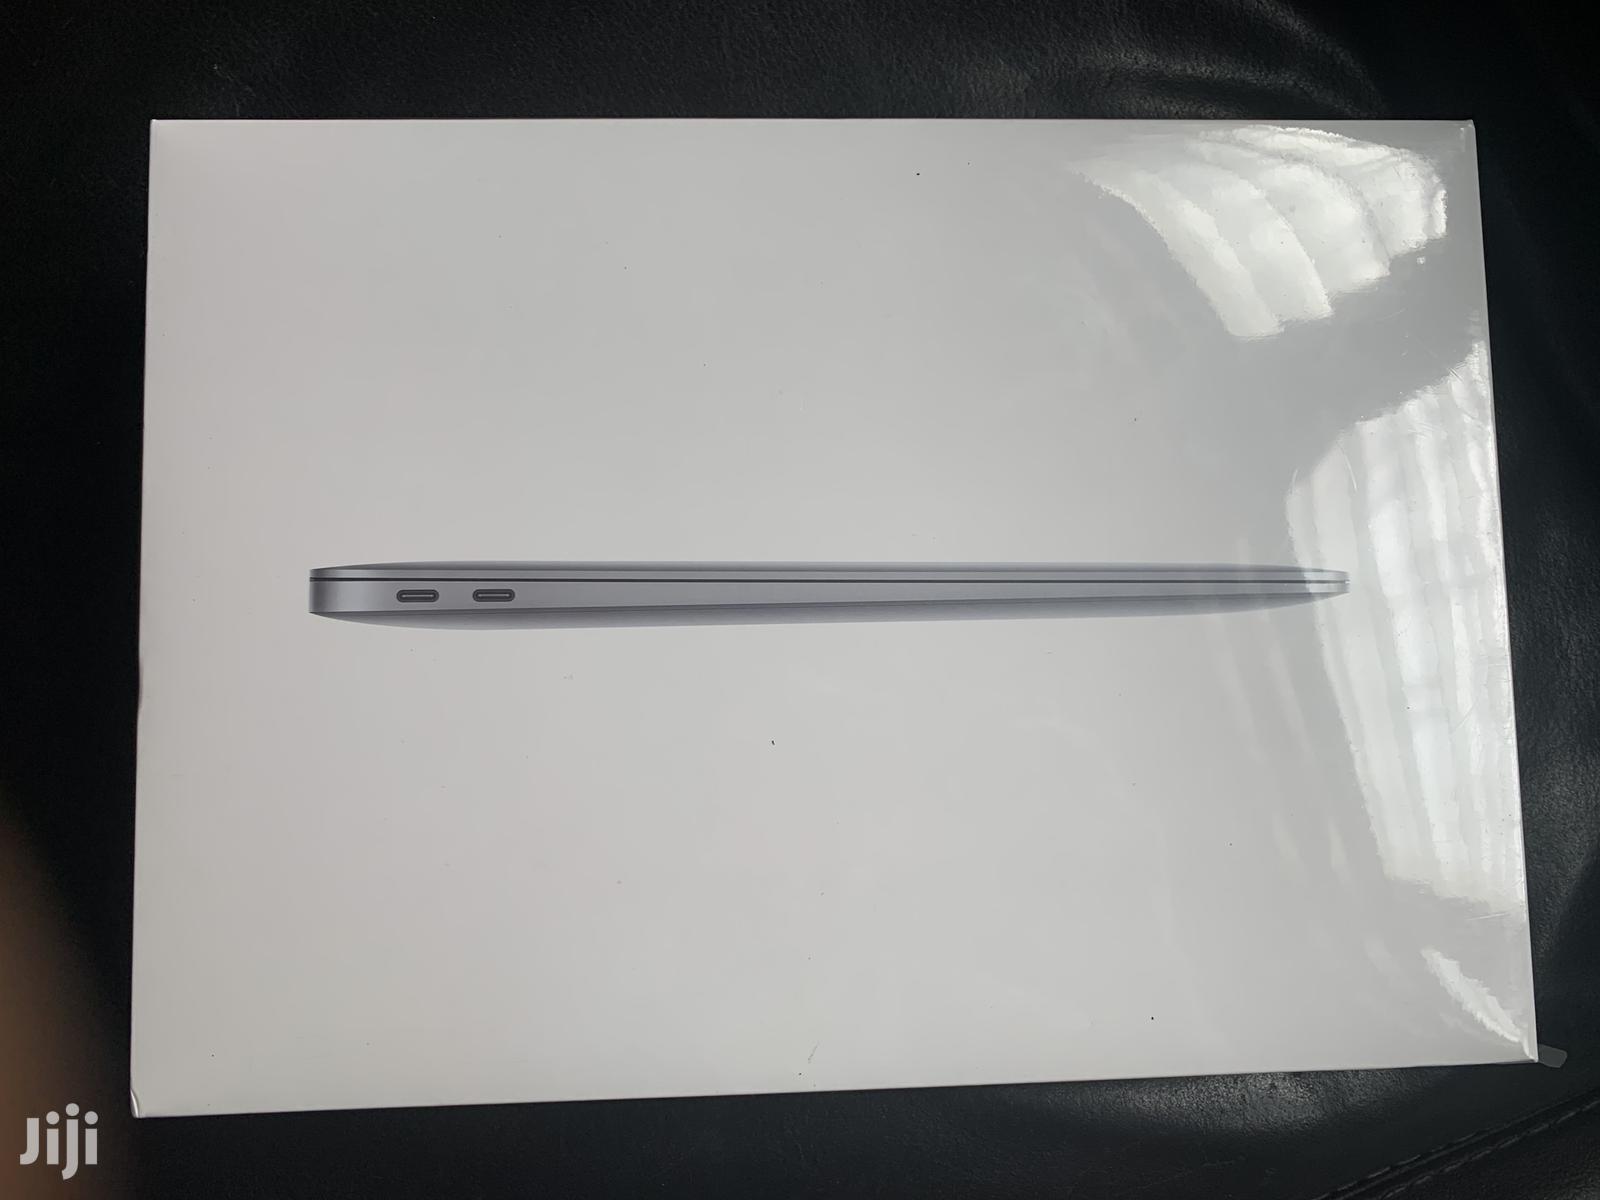 New Laptop Apple MacBook Air 8GB Intel Core i5 SSD 512GB